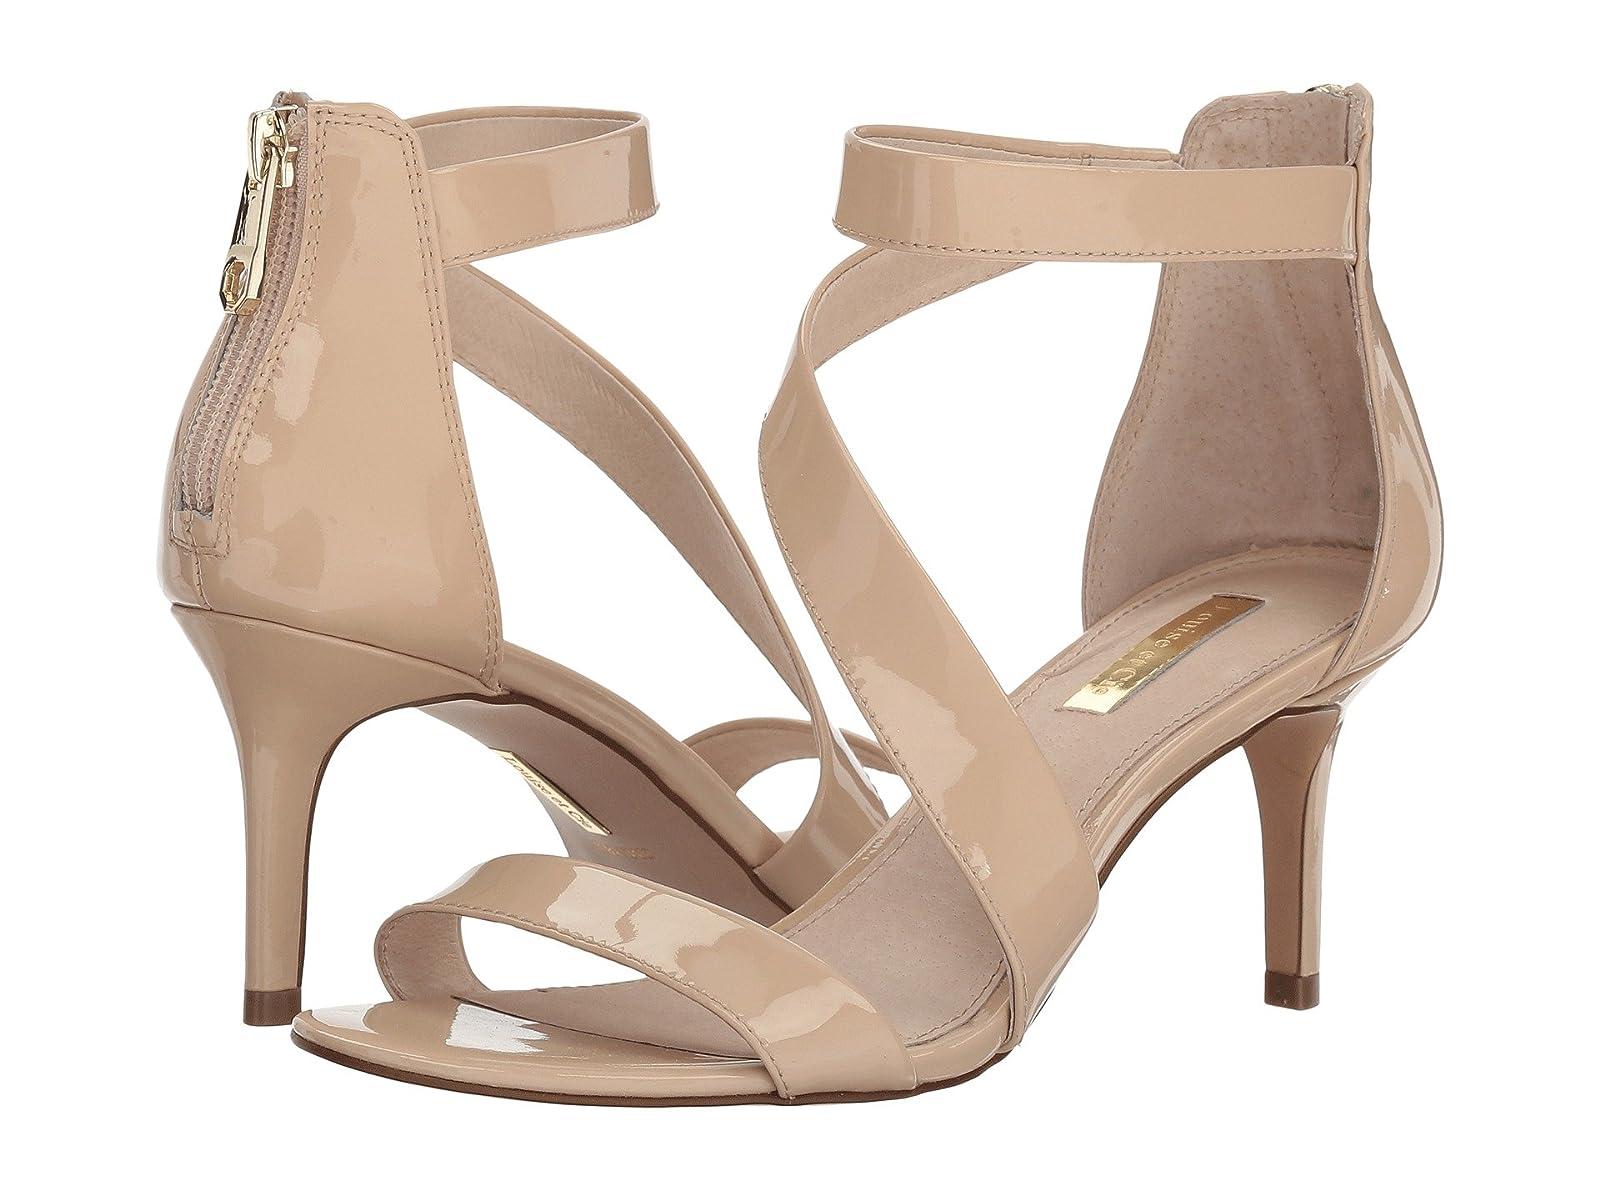 Louise et Cie HilioAtmospheric grades have affordable shoes